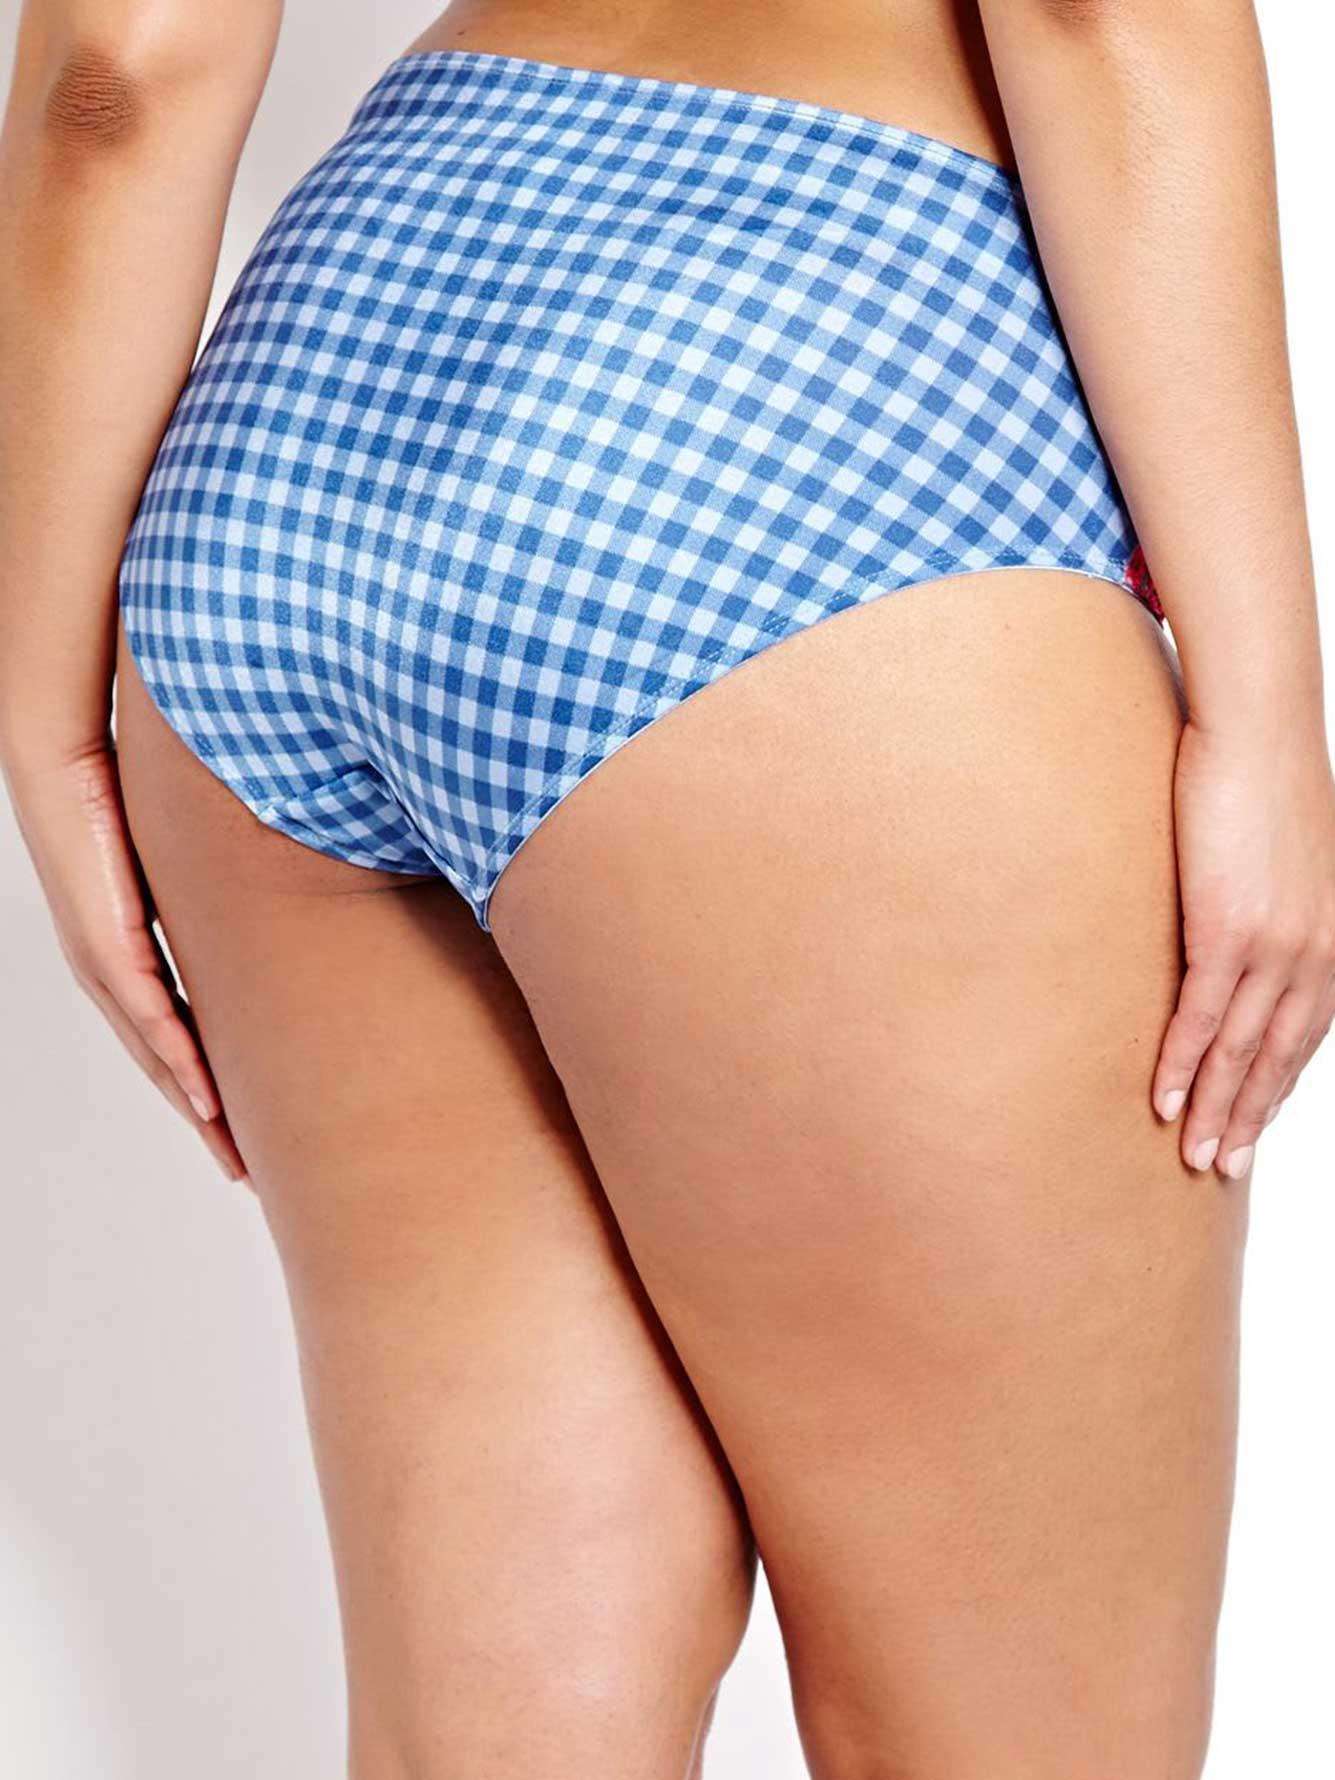 High Cut Lace Panties 91